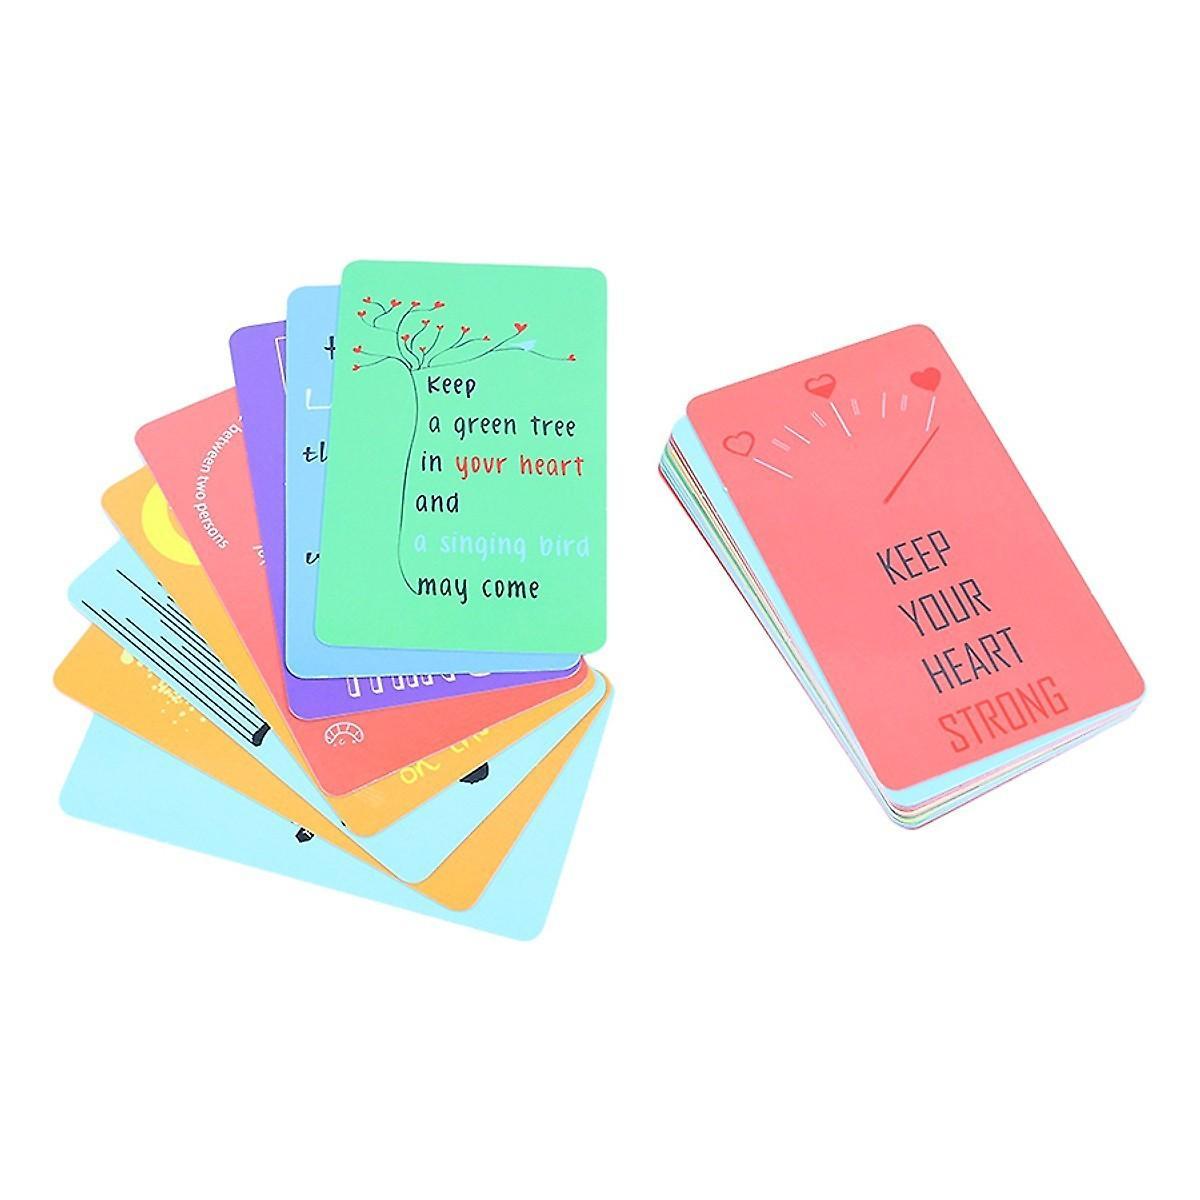 Combo Sách Nuôi Dạy Con: Người Mẹ Tốt Hơn là Người Thầy Tốt + Giáo Dục Tuyệt vời Nhất = Đơn Giản Nhất ( Bí kíp Nuôi con kiểu mới Thông Thái Tự Lập của Đoàn Kiến Lợi) + Tặng kèm bookmark HappyLife